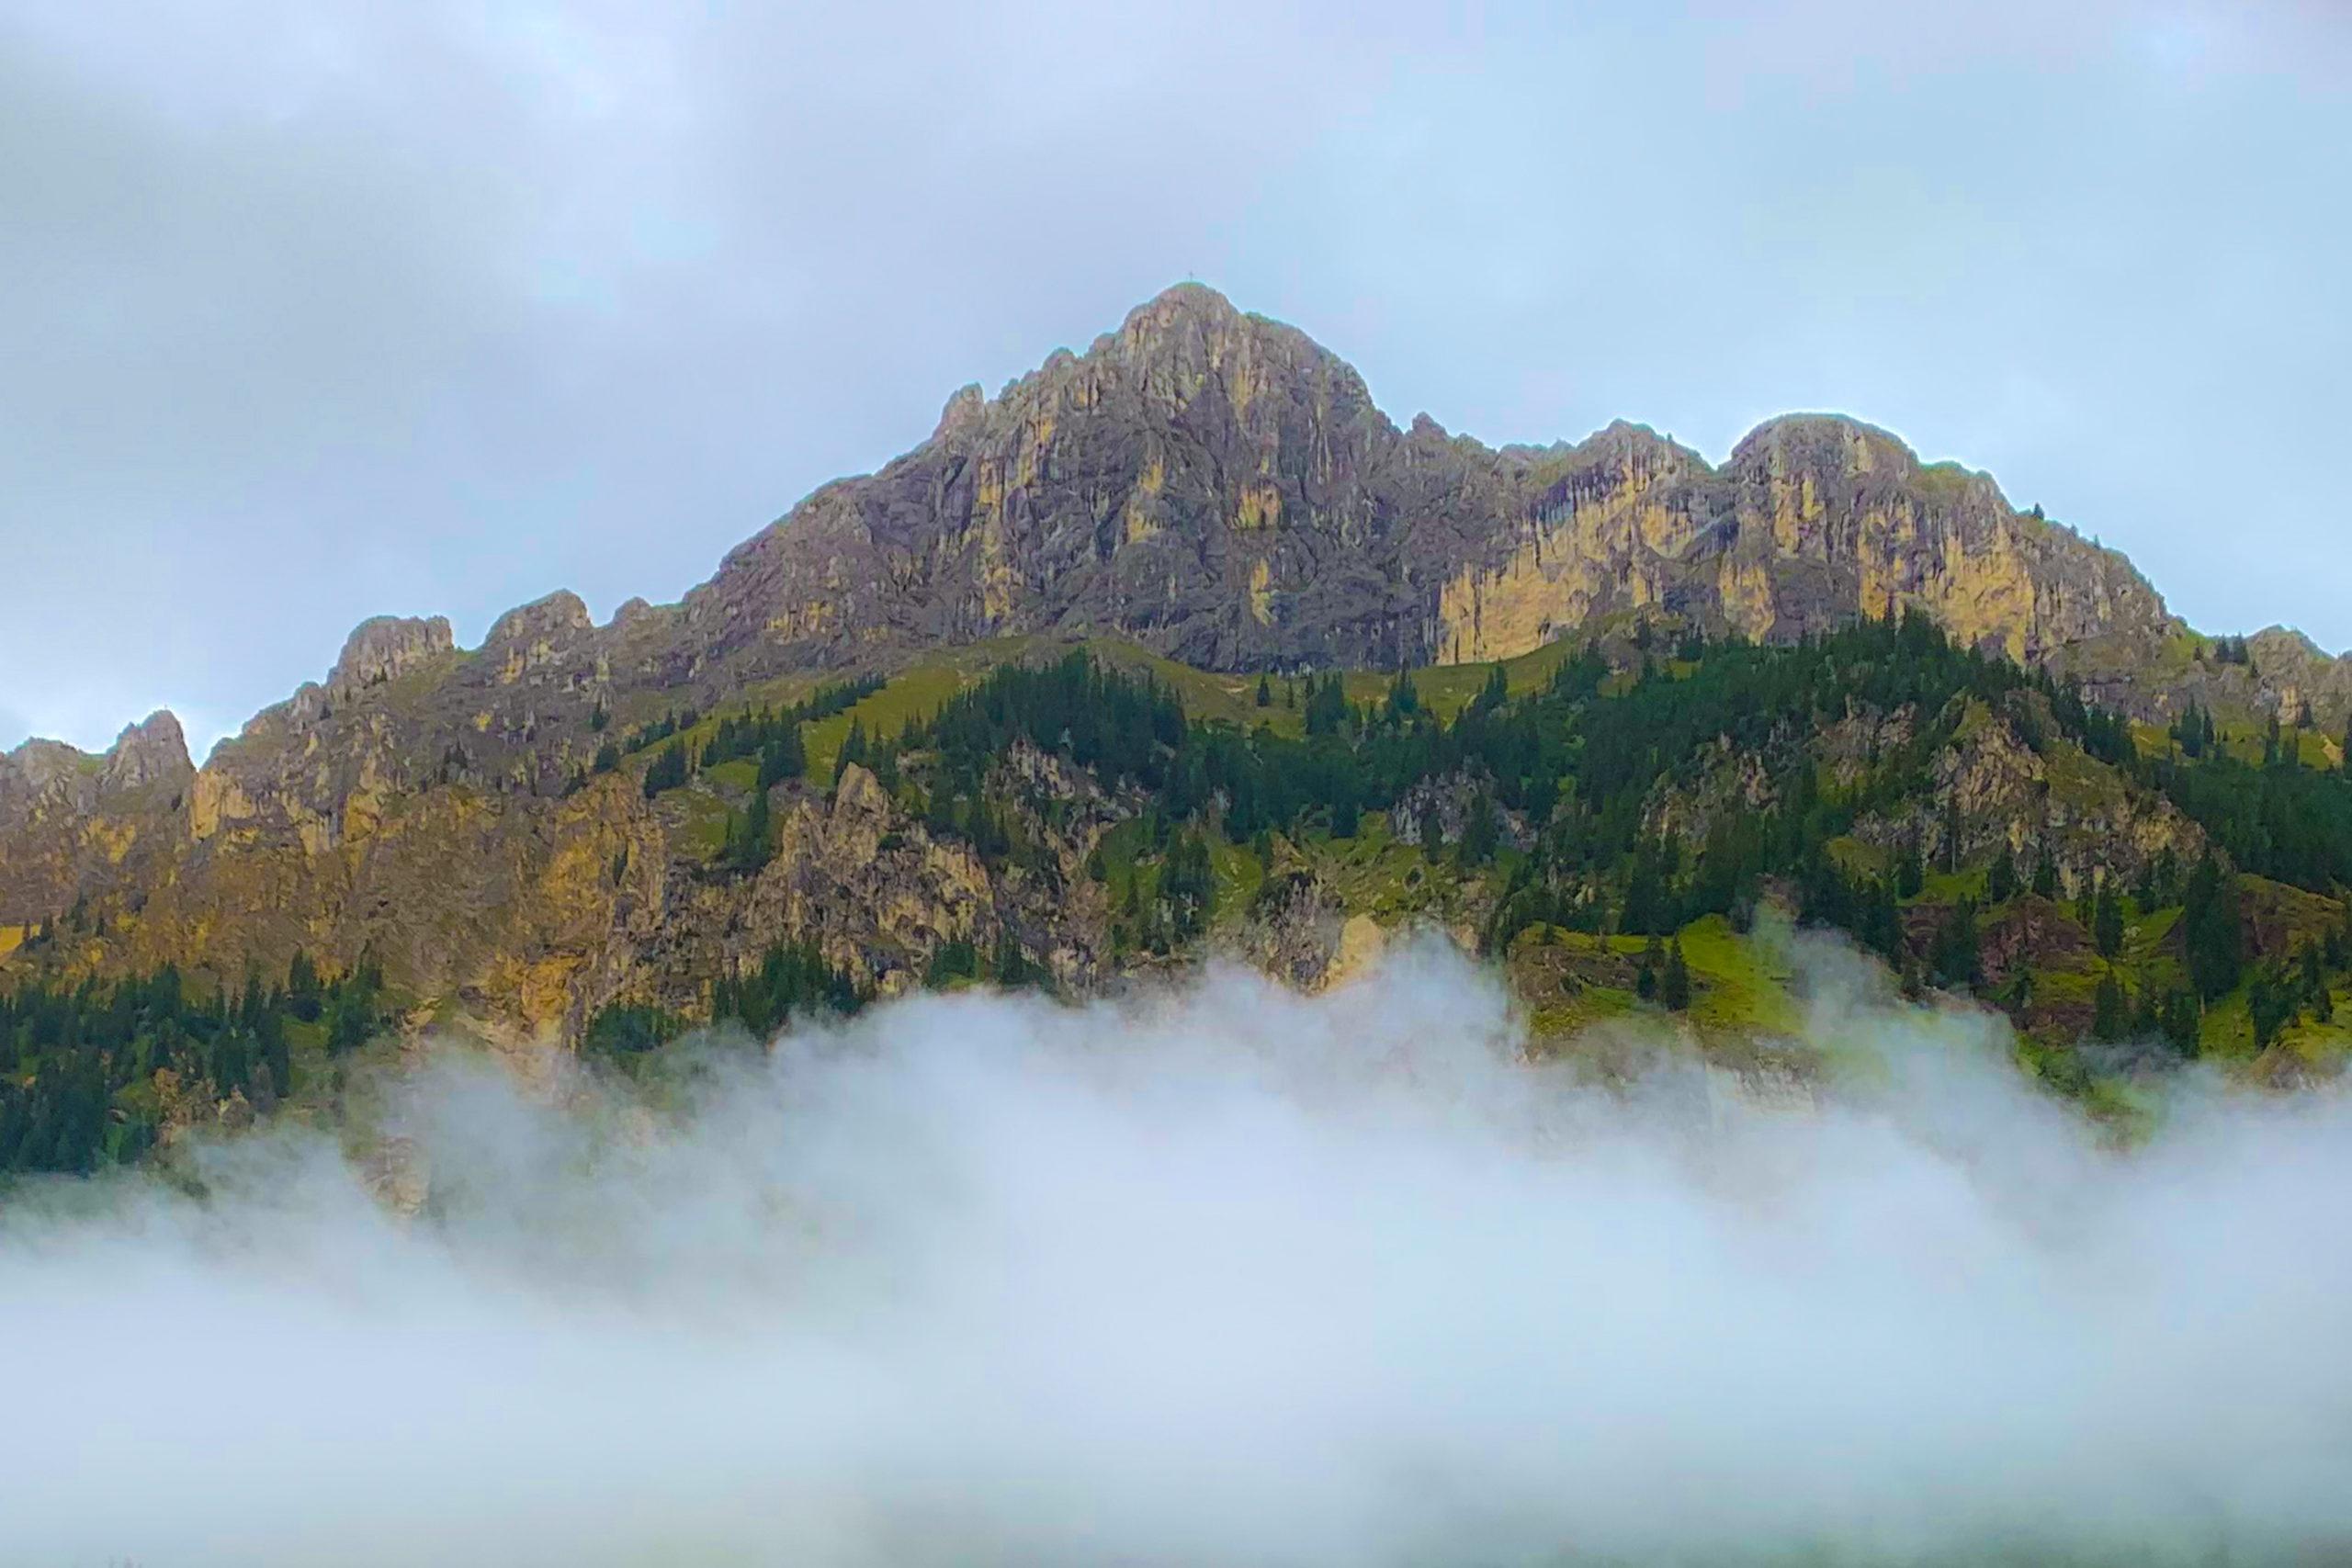 Alpen, Tirol, Tannheimer Tal, Nesselwängle